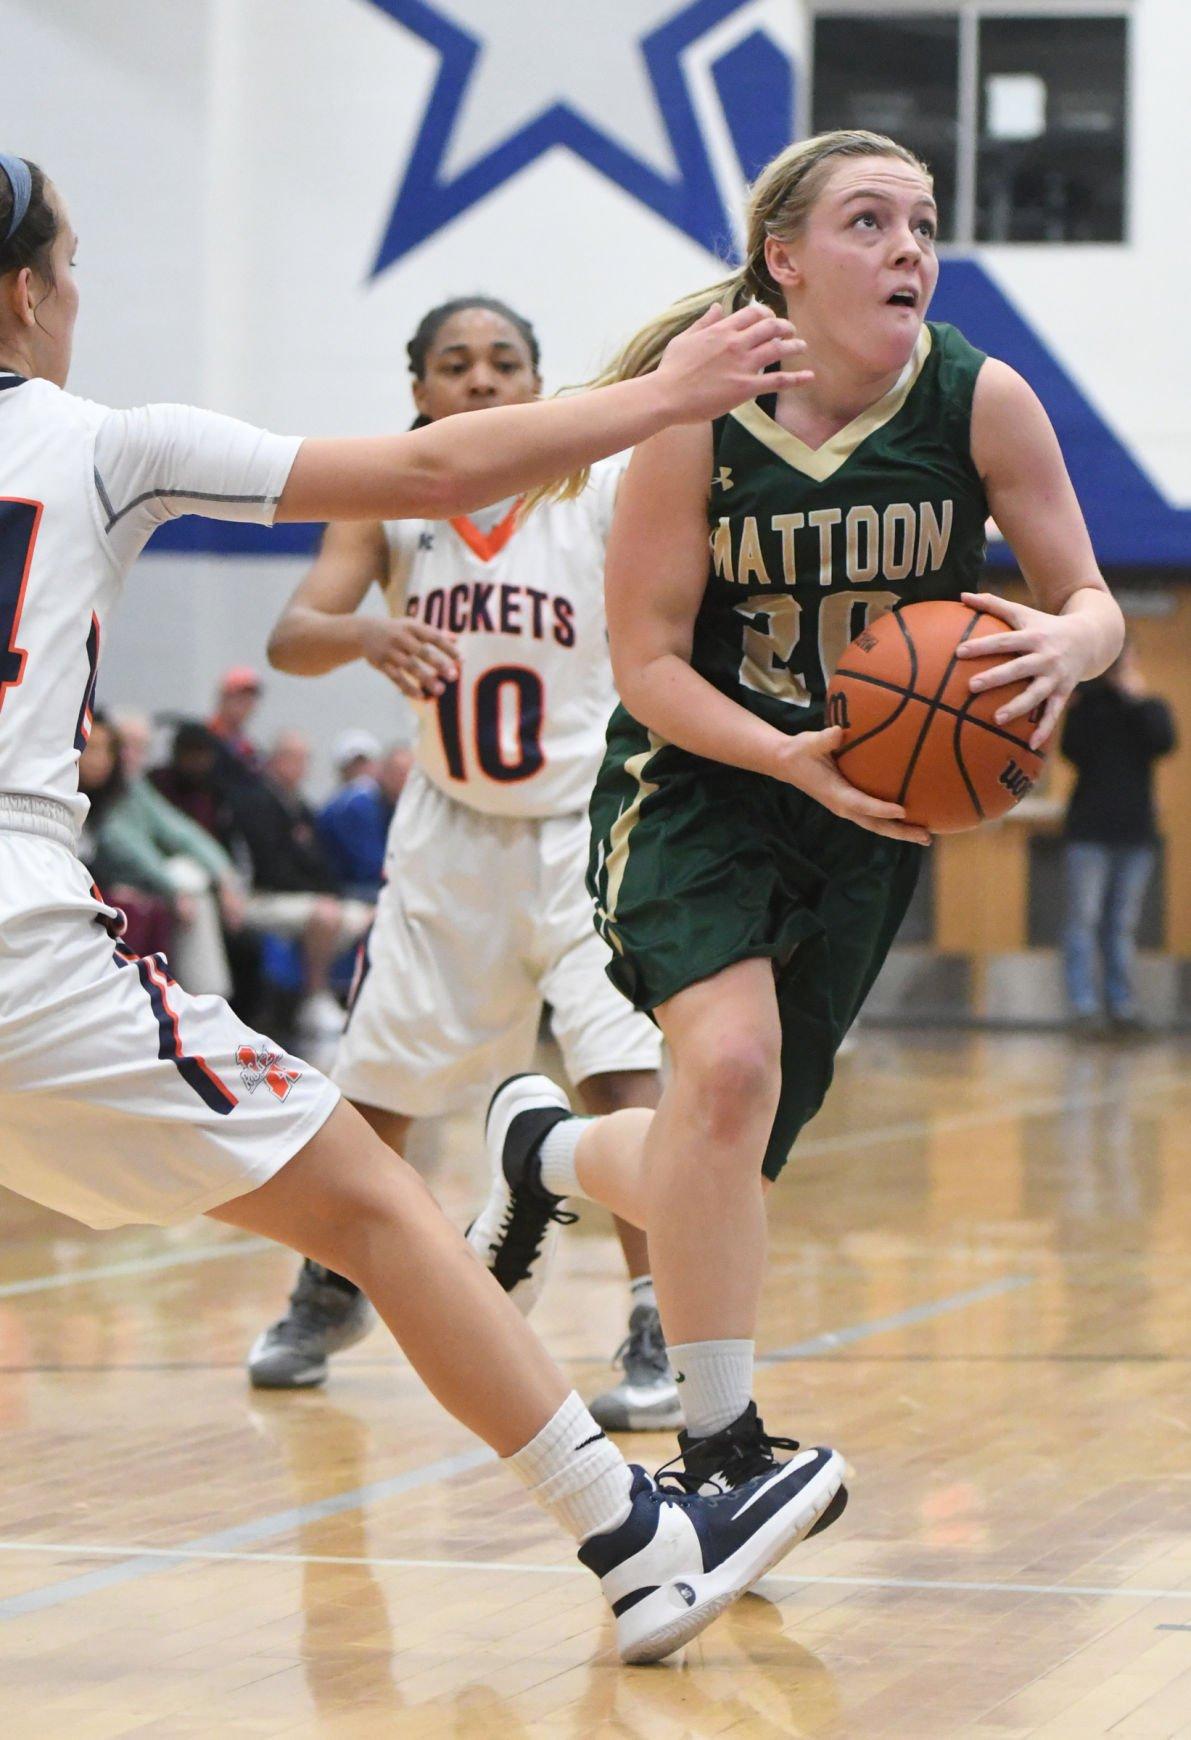 PHOTOS: Mattoon Vs Rochester Girls Basketball 3A Regional